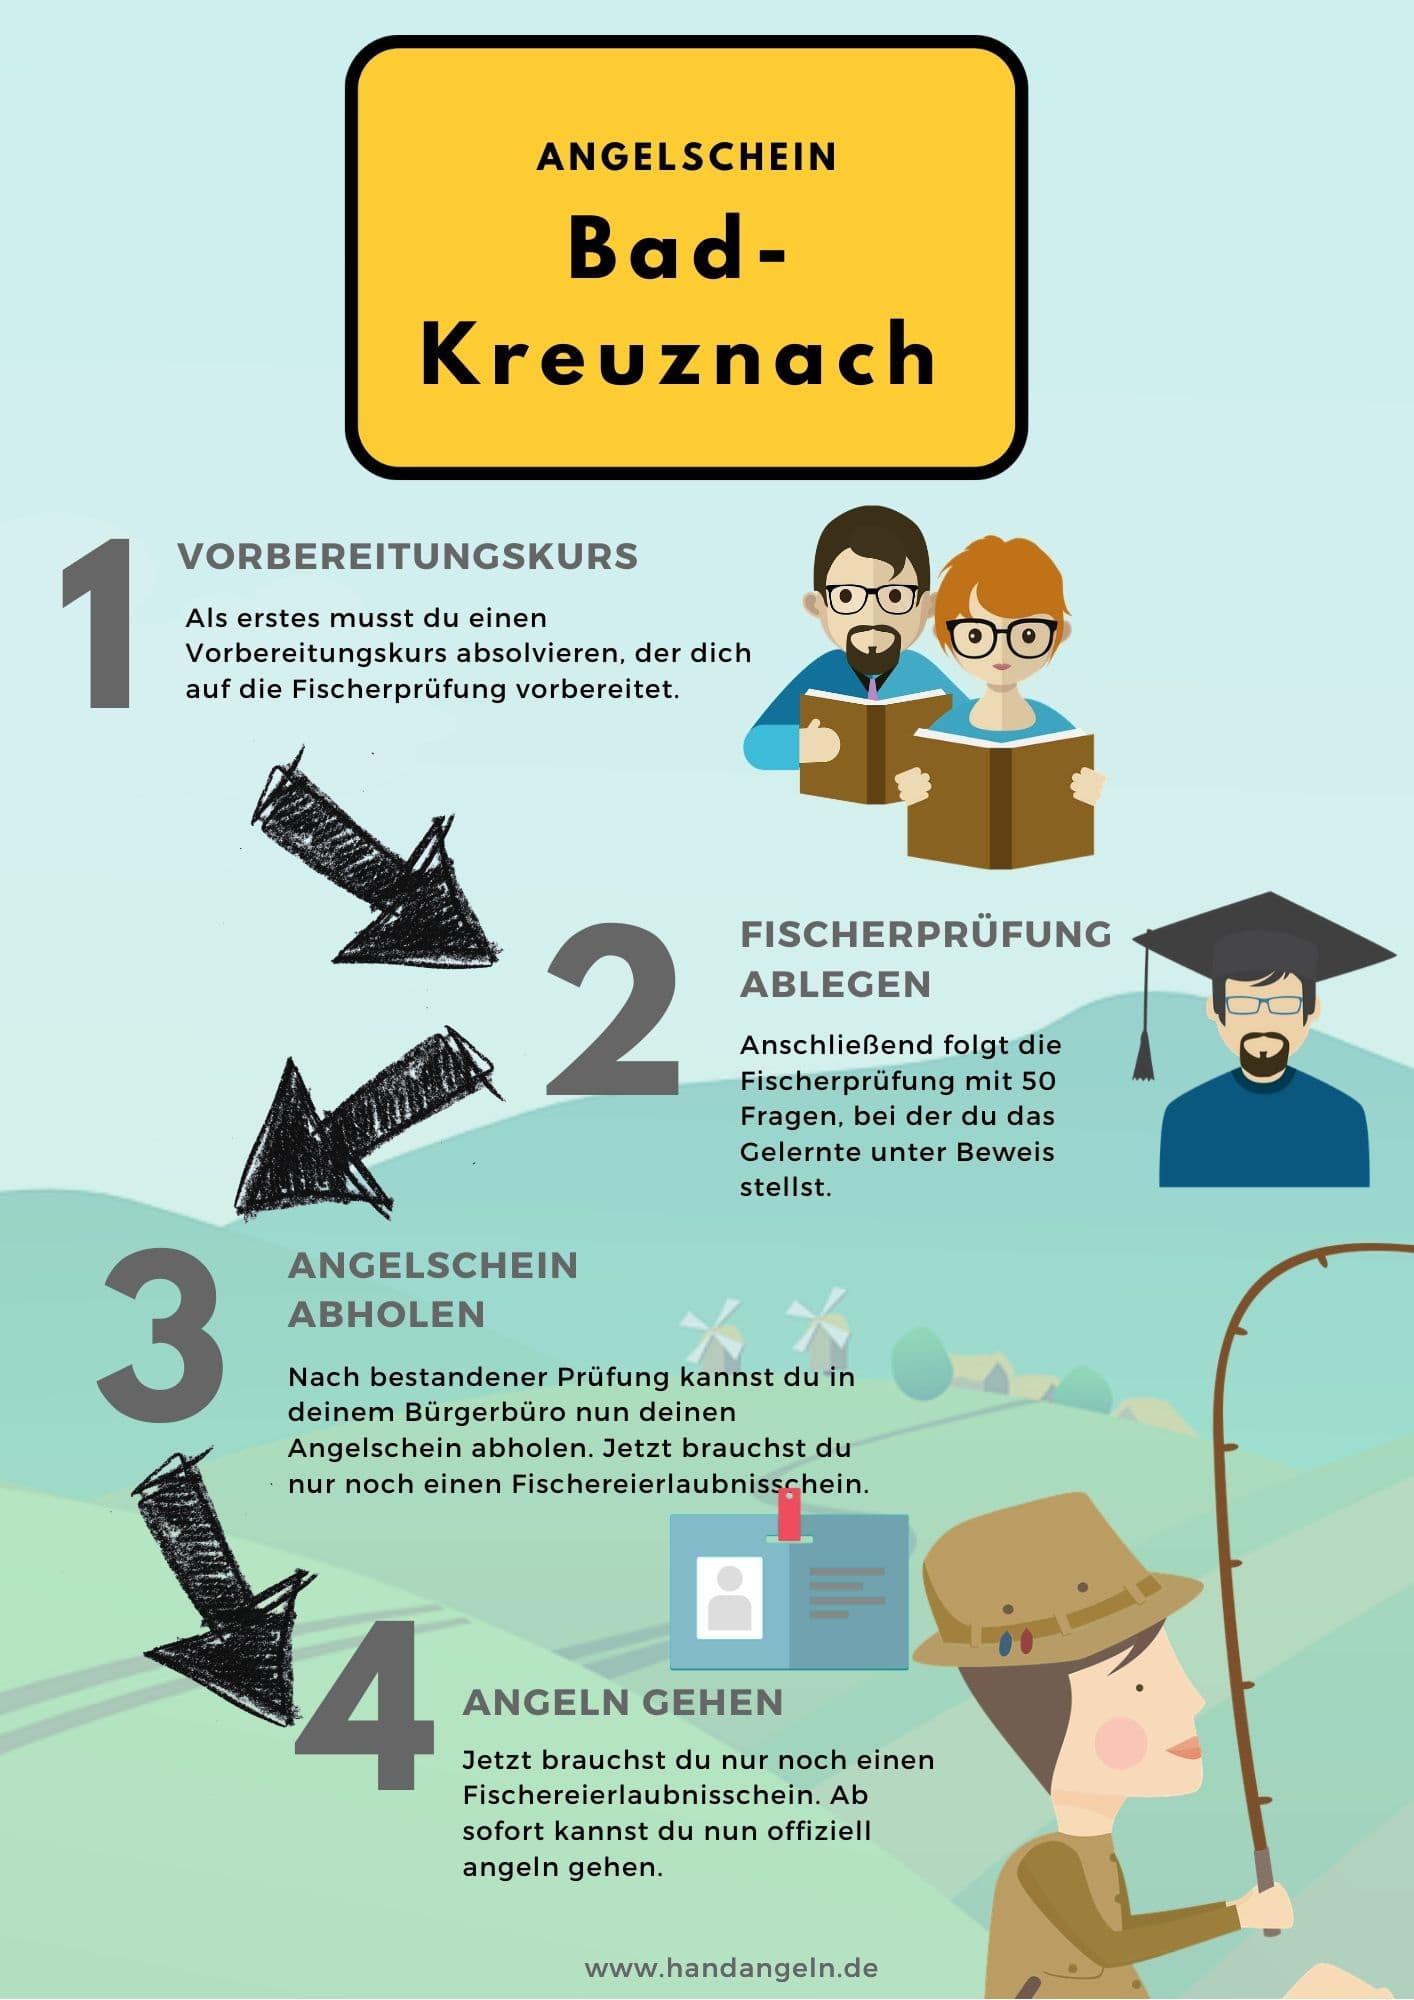 Angelschein Bad Kreuznach Fischereischein Anleitung